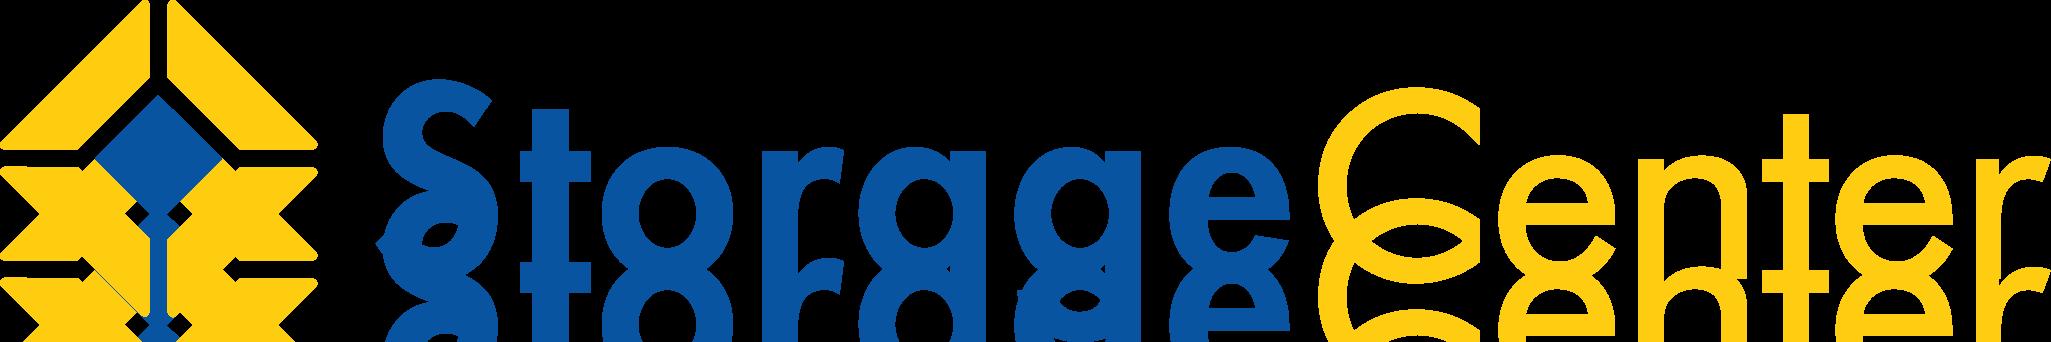 StorageCenter